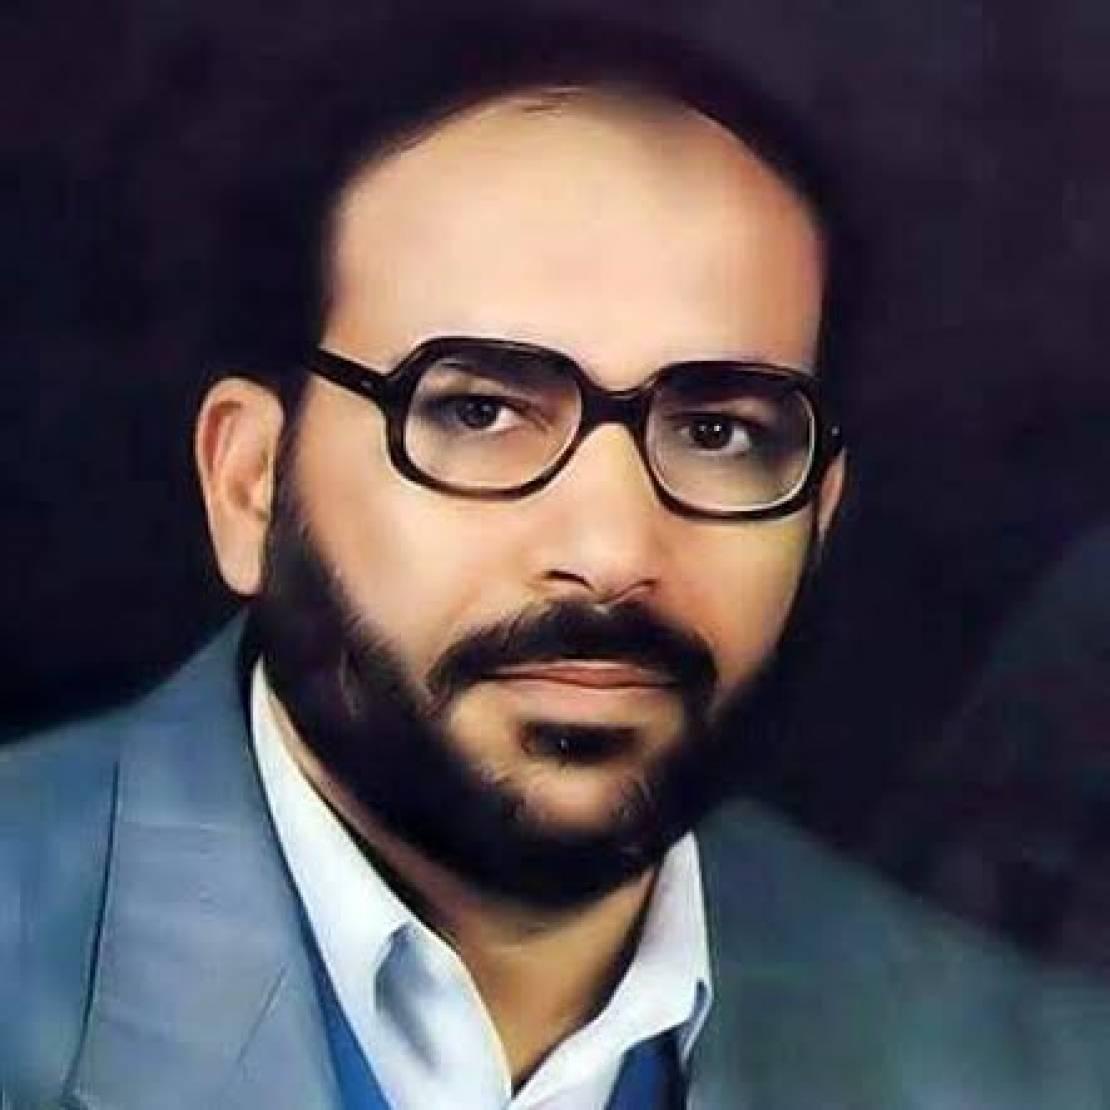 ذكرى استشهاد القائد المجاهد د. فتحي الشقاقي